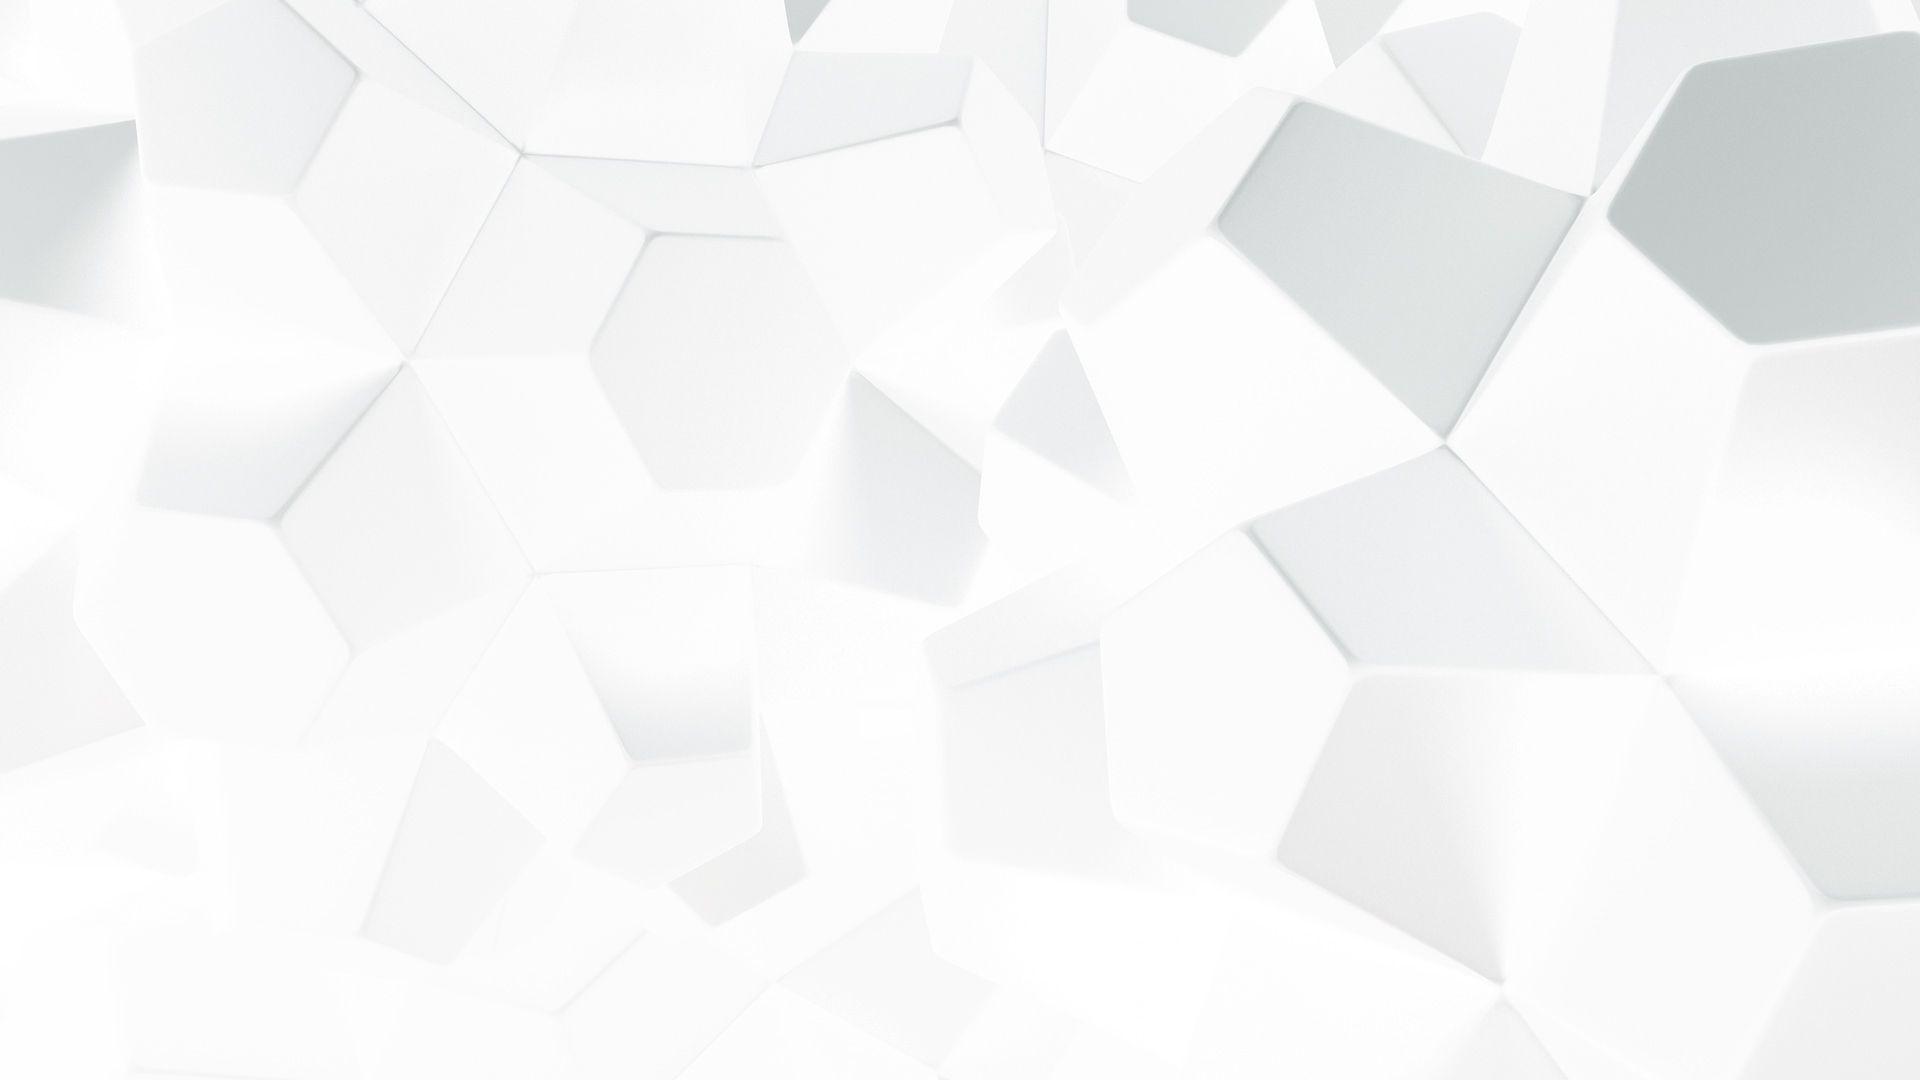 White Background Wallpaper Hd 1080p Desktop